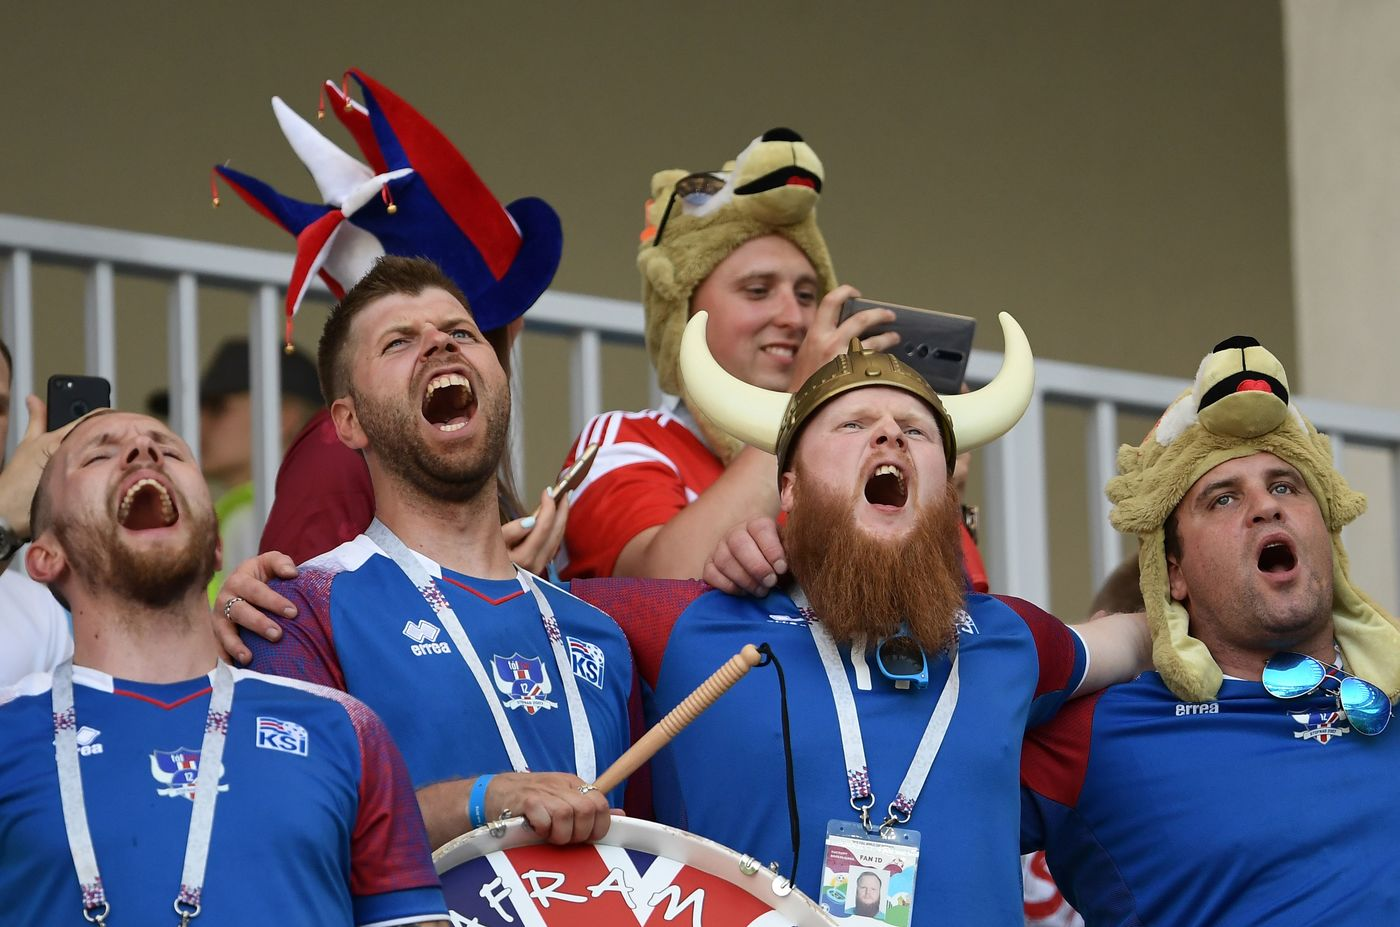 Reykjavik Cup Islanda 20 gennaio: si giocano 2 gare della fase a gironi del torneo islandese. Chi andrà avanti nella competizione?